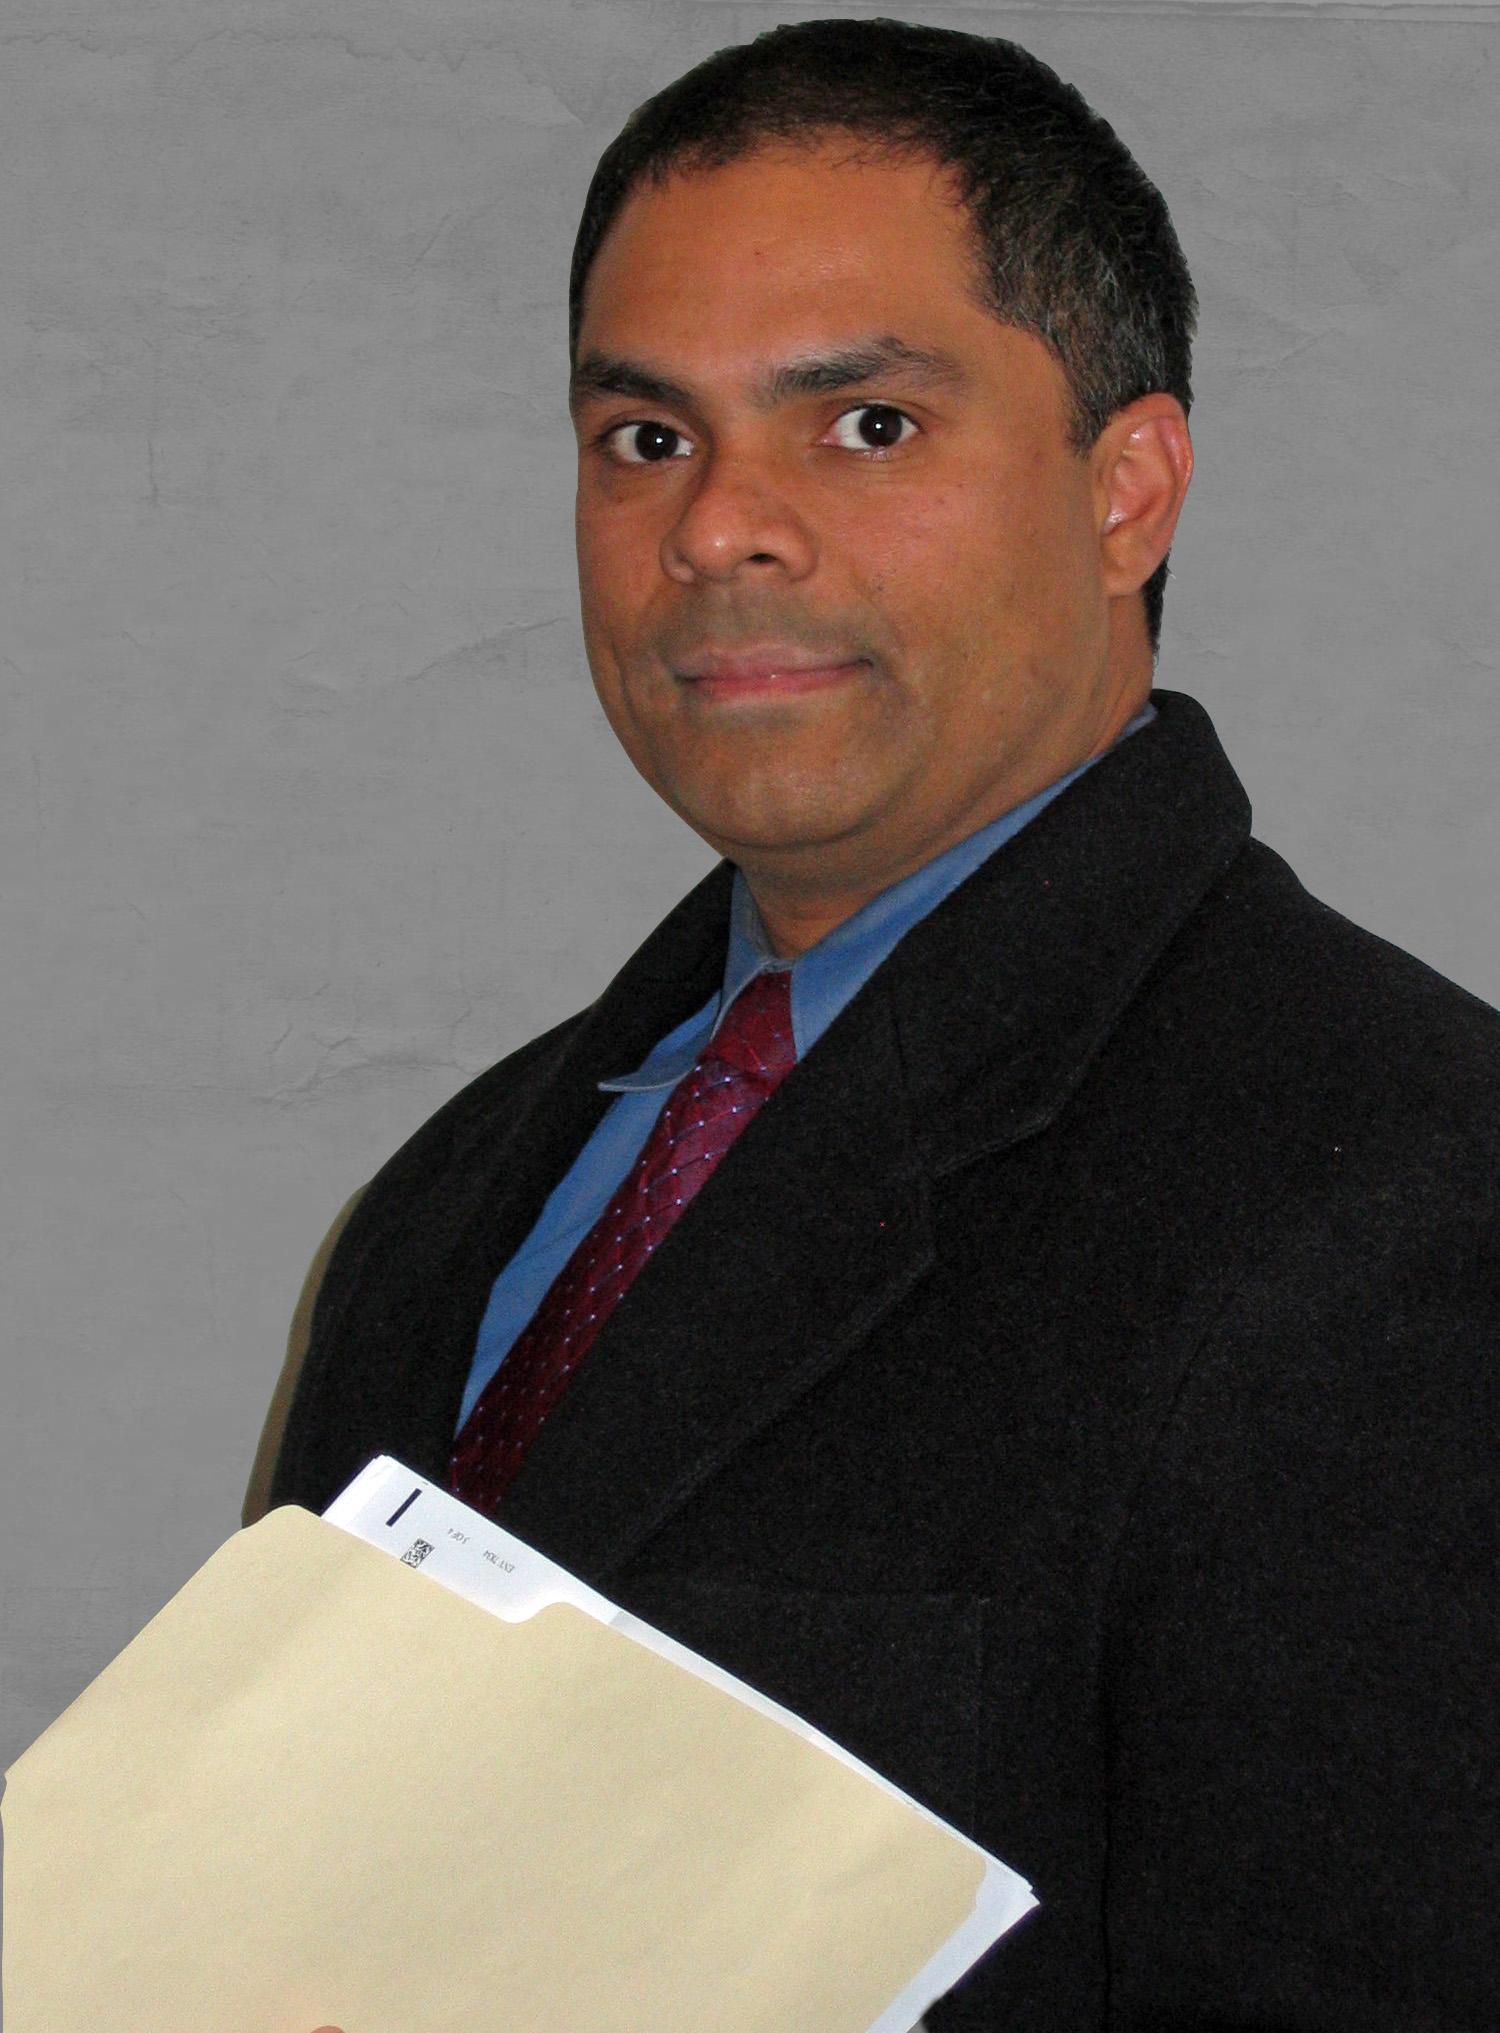 Dr. Steven Munevar